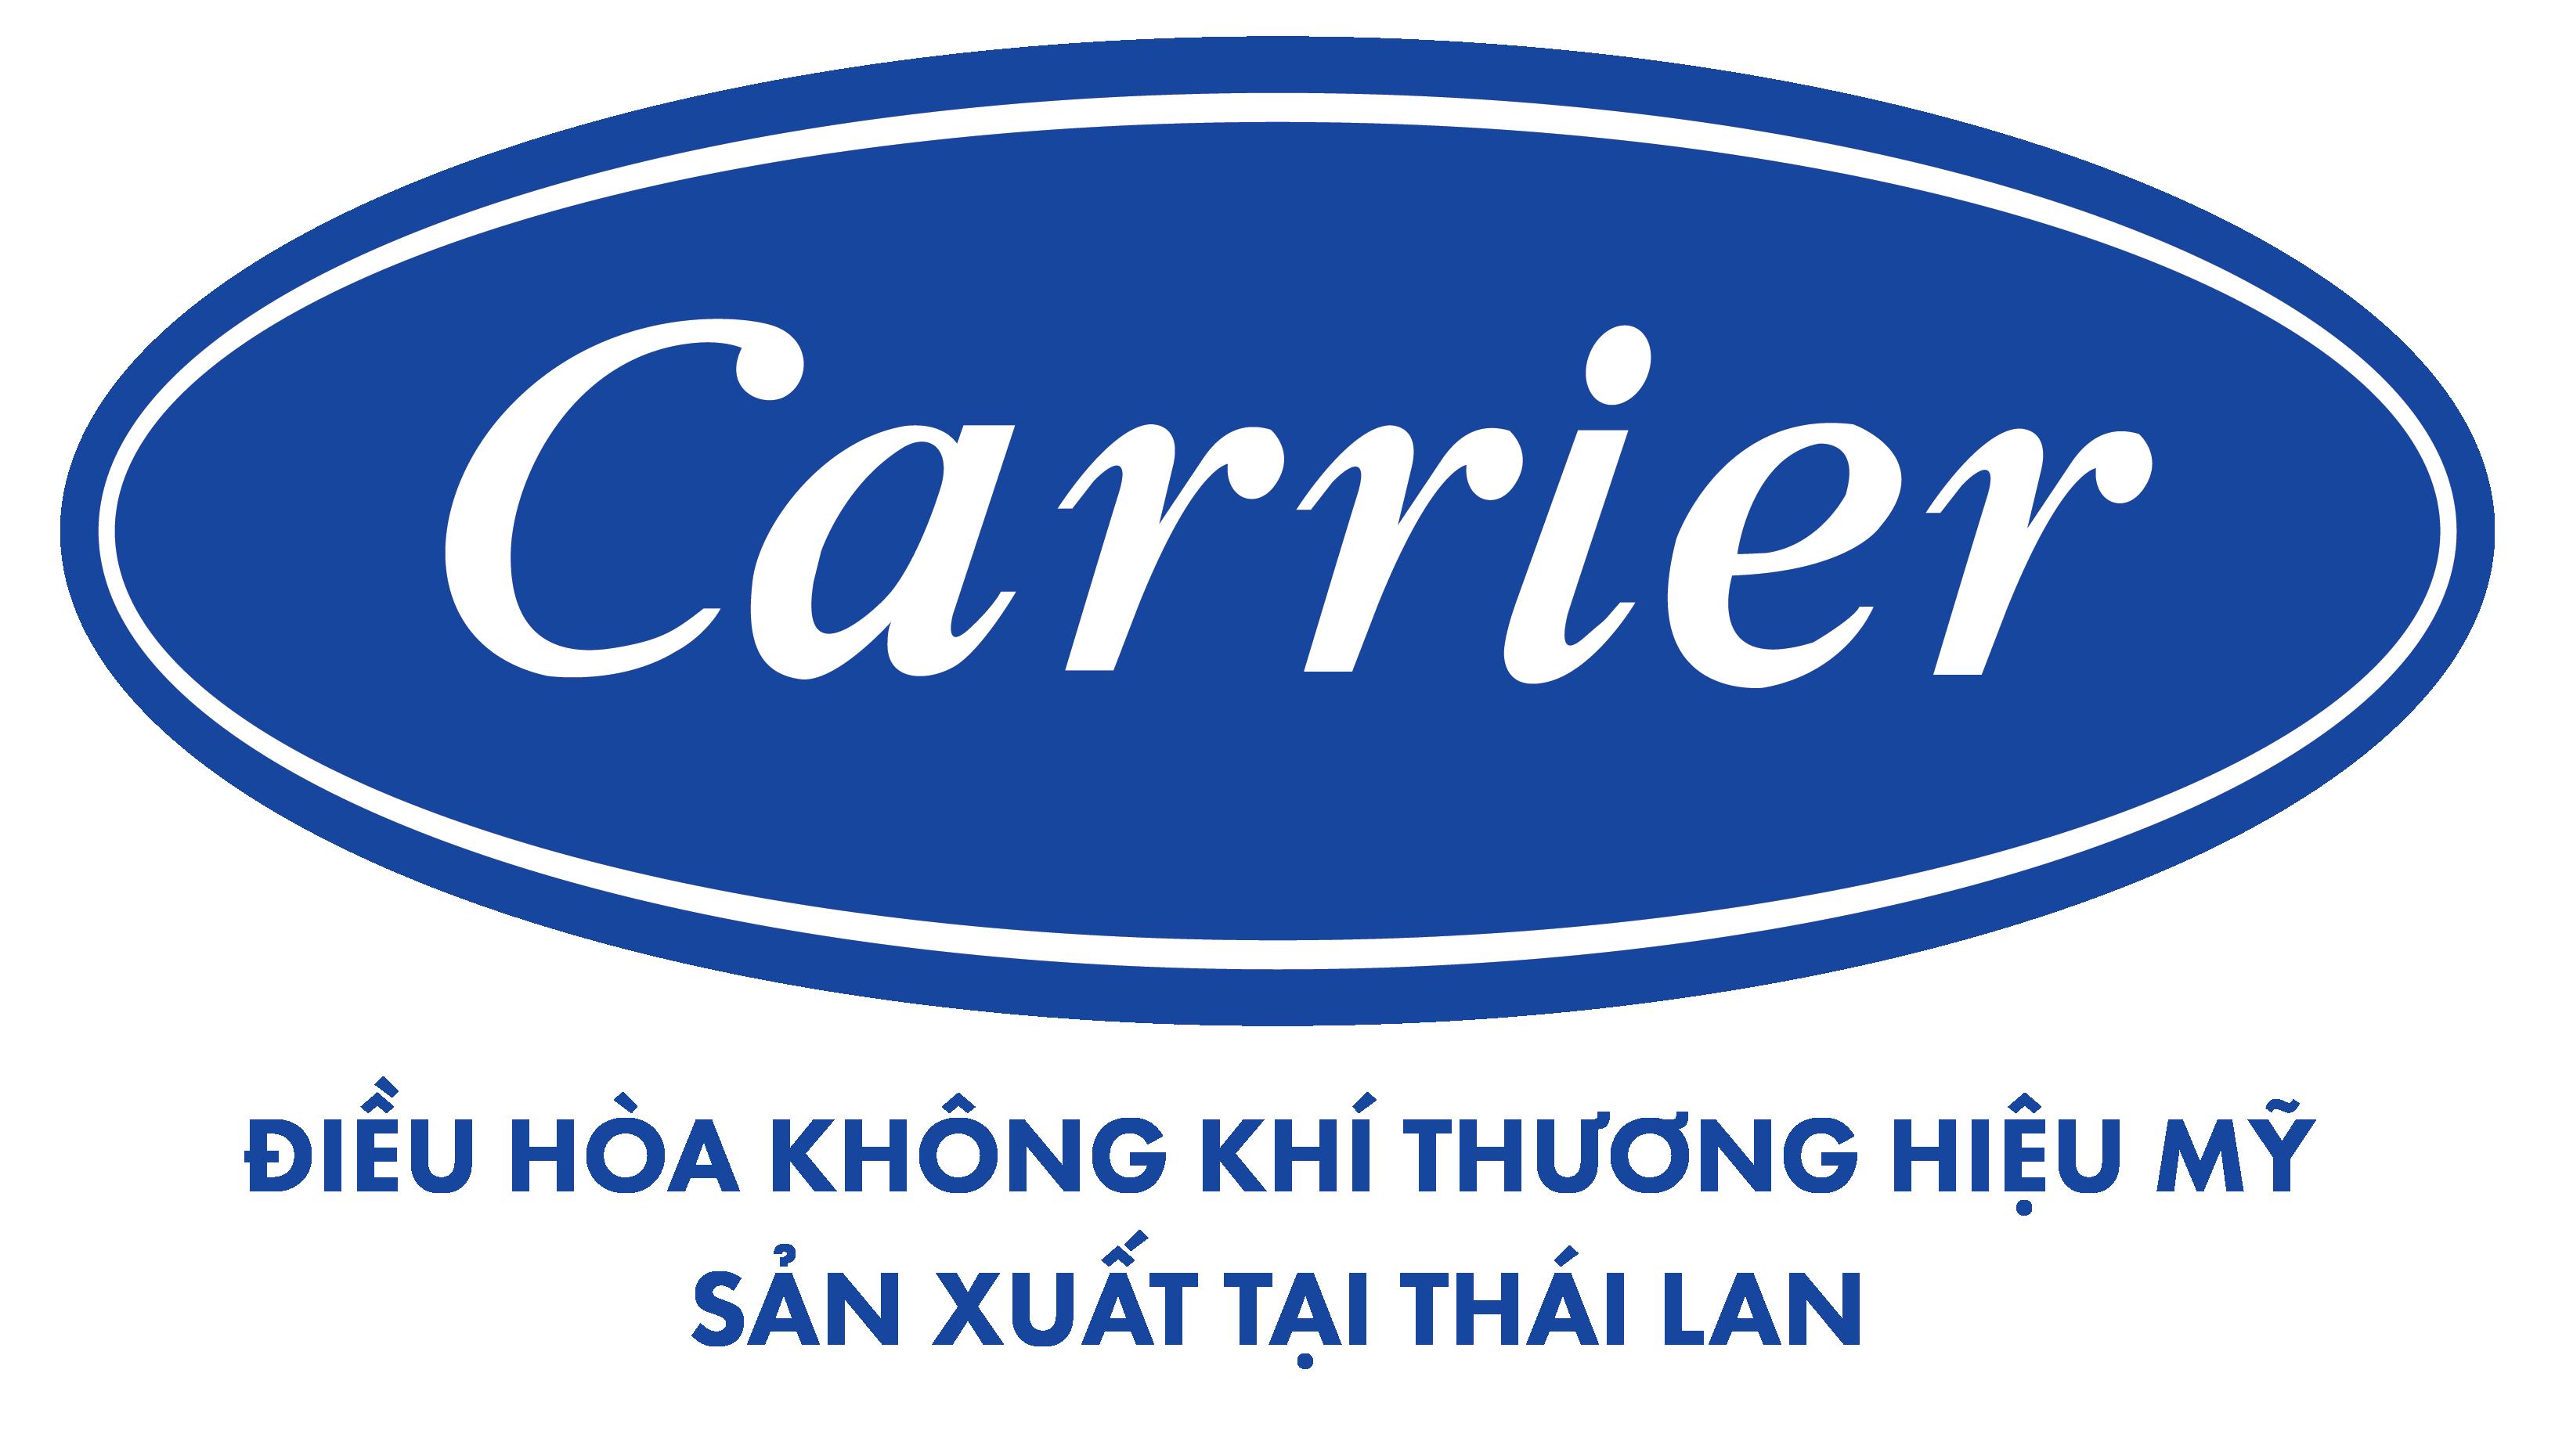 Carrier Vietnam